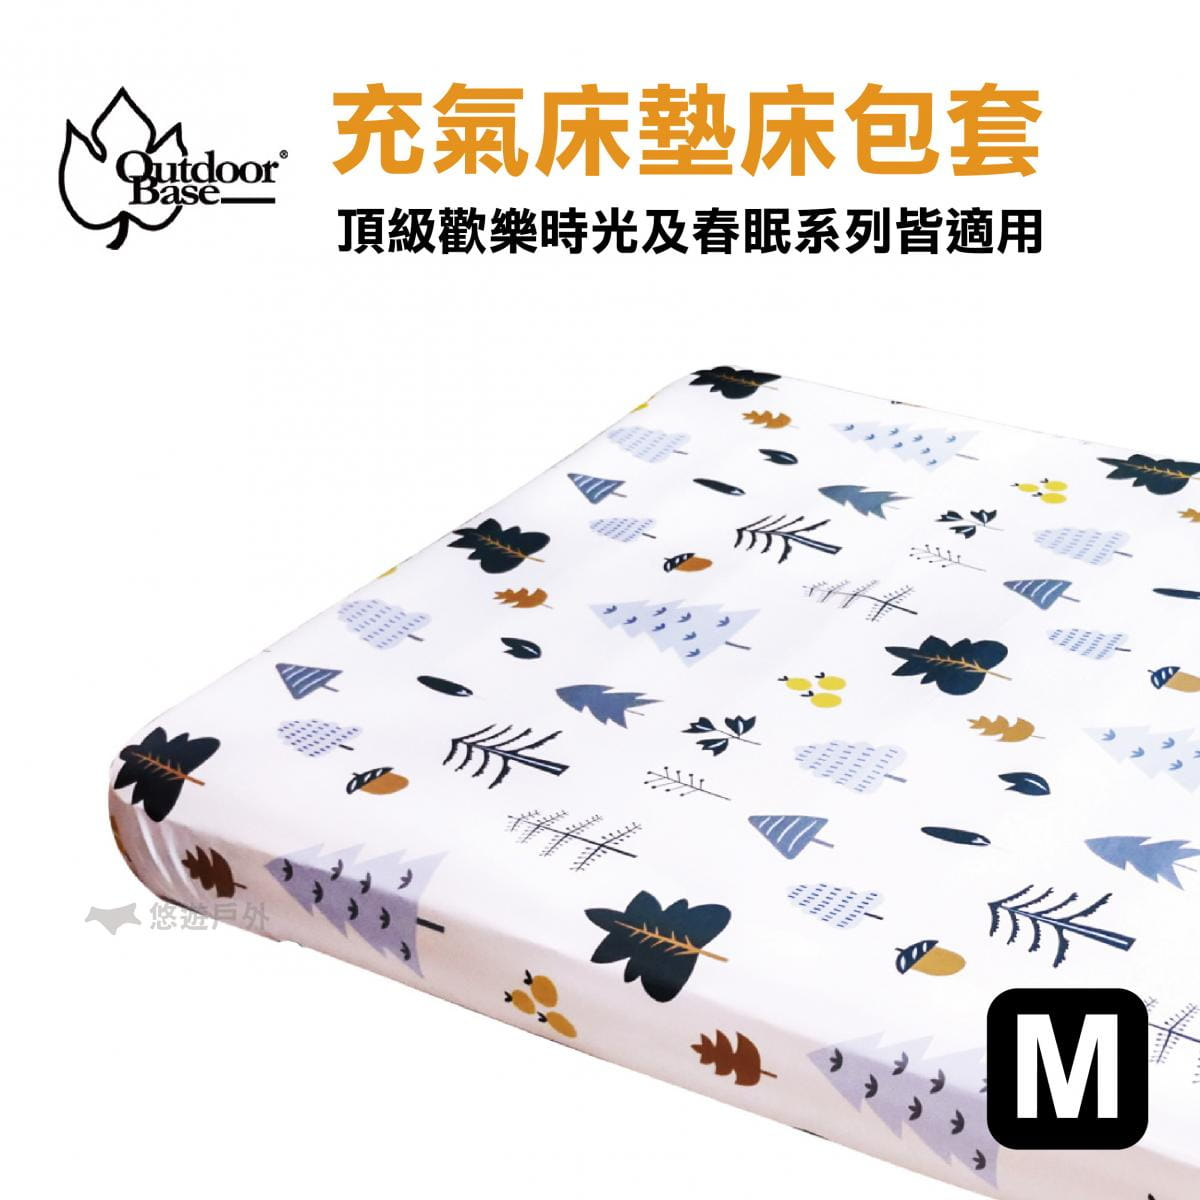 【新品上市】充氣床墊床包套 舒柔布 150x200x30cm (M)